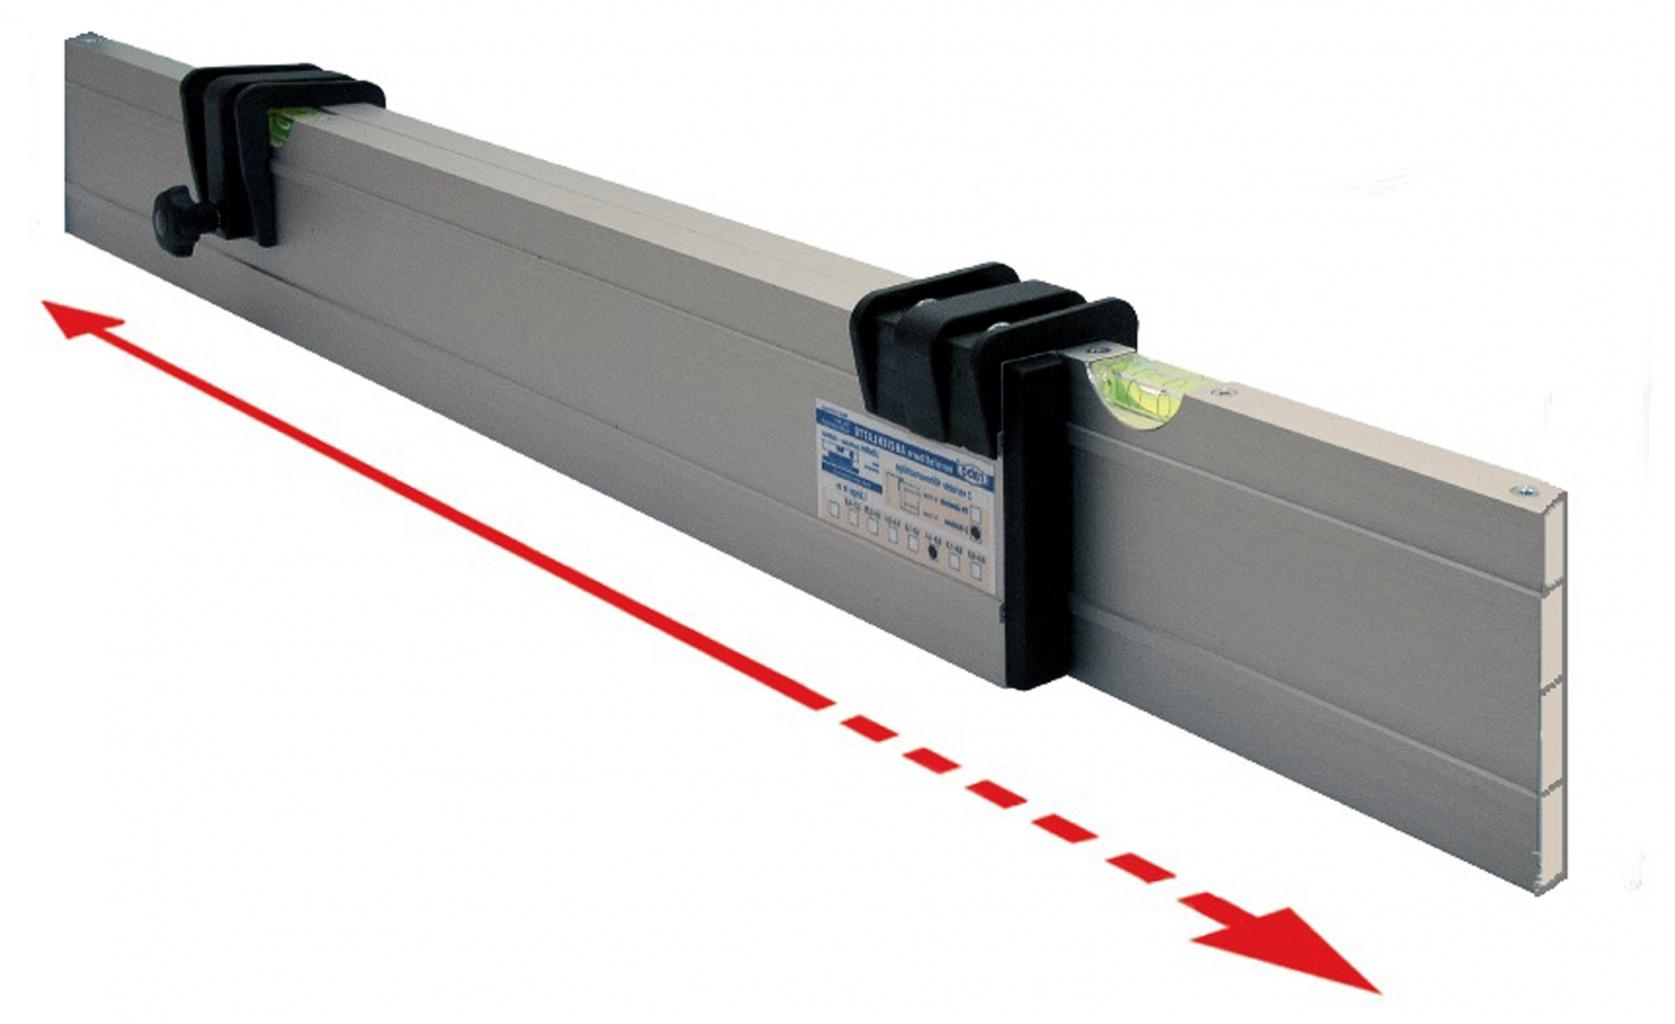 Nivelo NL8 nastavitelná stahovací lať s pracovní délkou 0.5 - 0.8 m